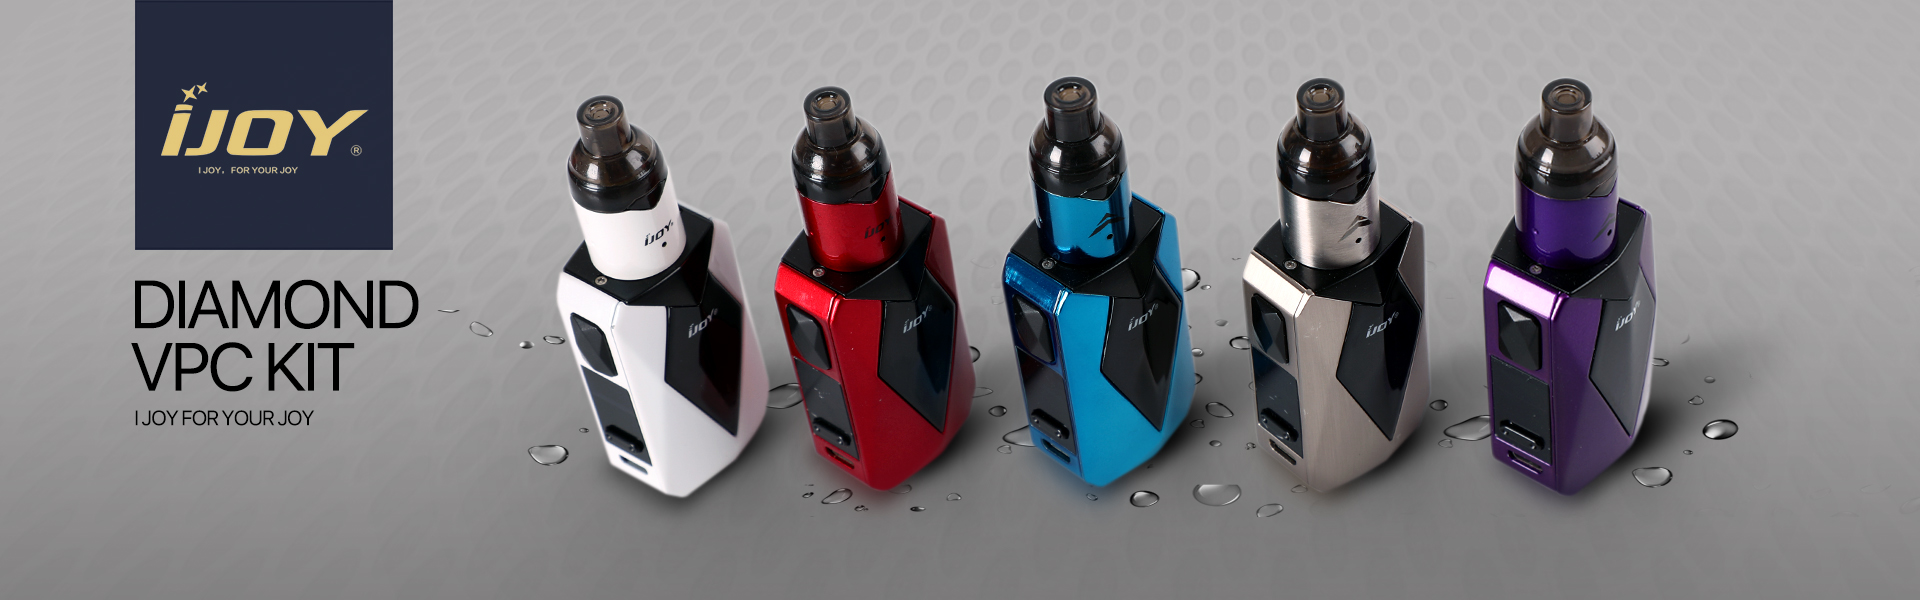 diamond-vpc-kit-1920x600.jpg